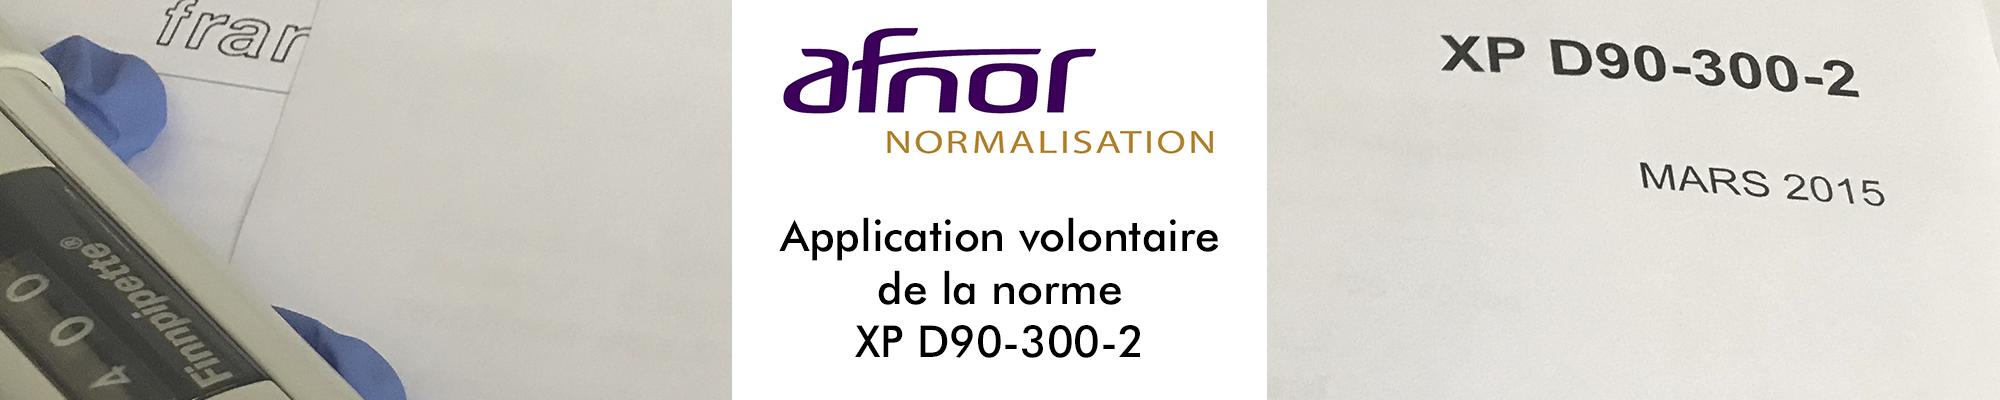 AFNOR Le Liquide Francais XP D90-300-2